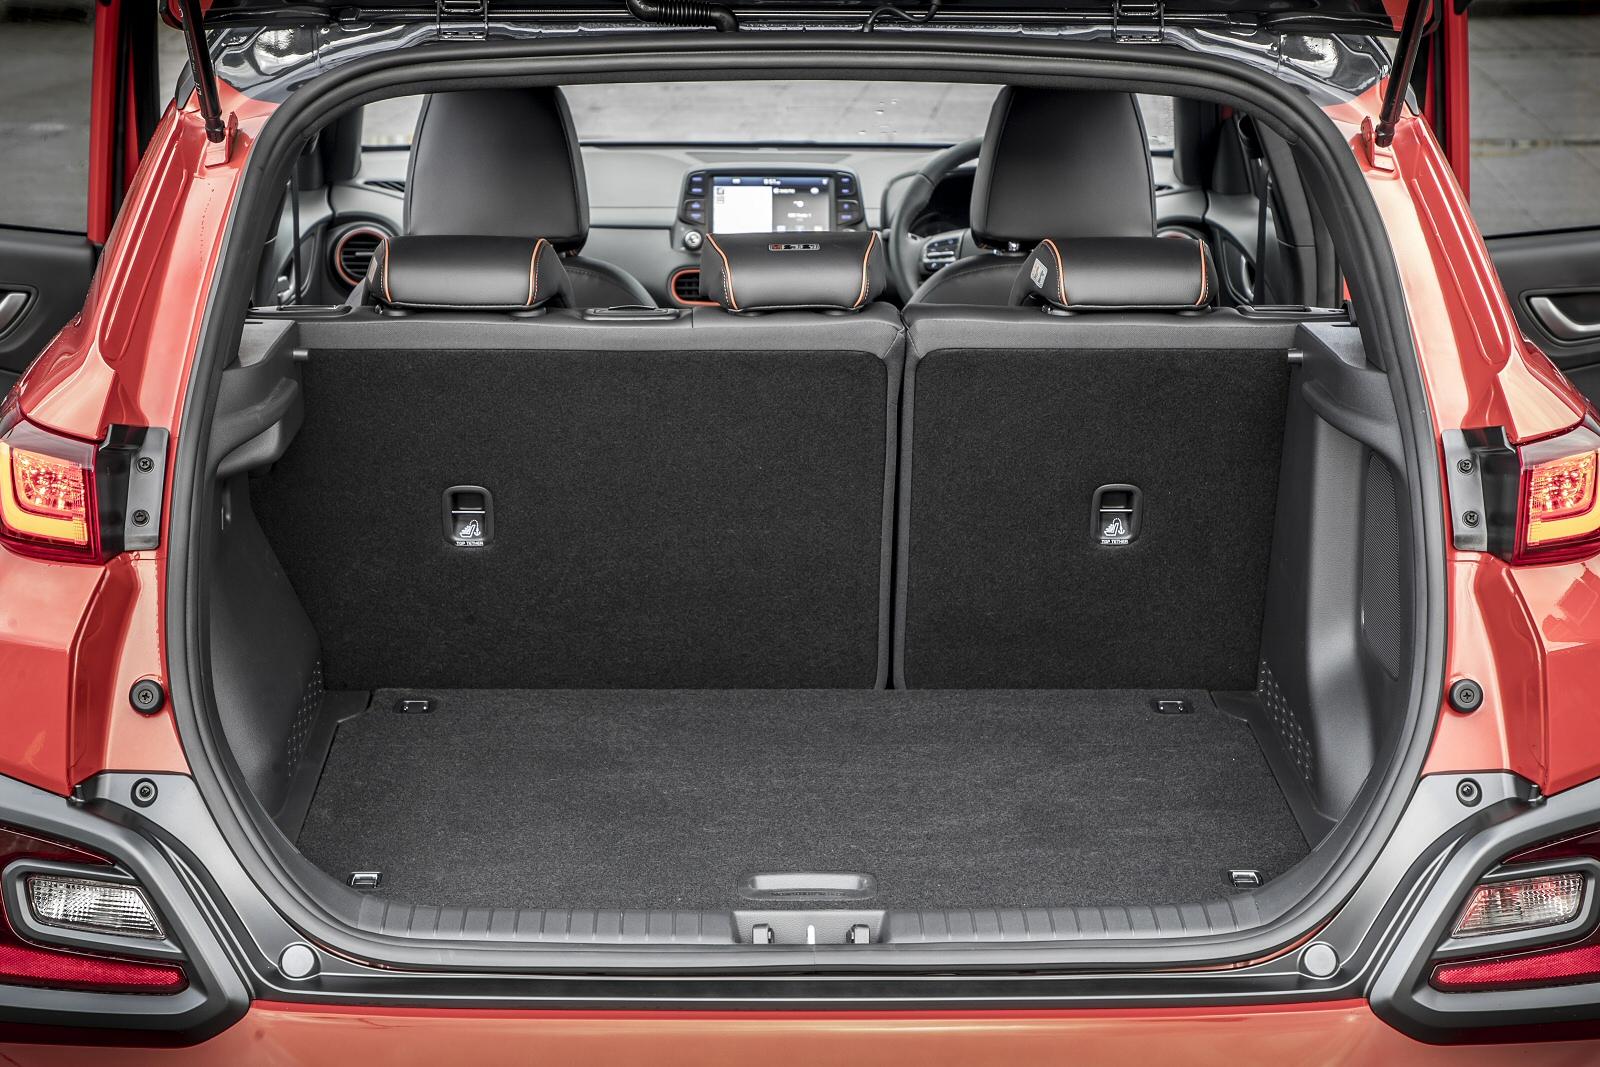 New Hyundai Kona 1 6 CRDi SE 5dr Diesel Hatchback for Sale